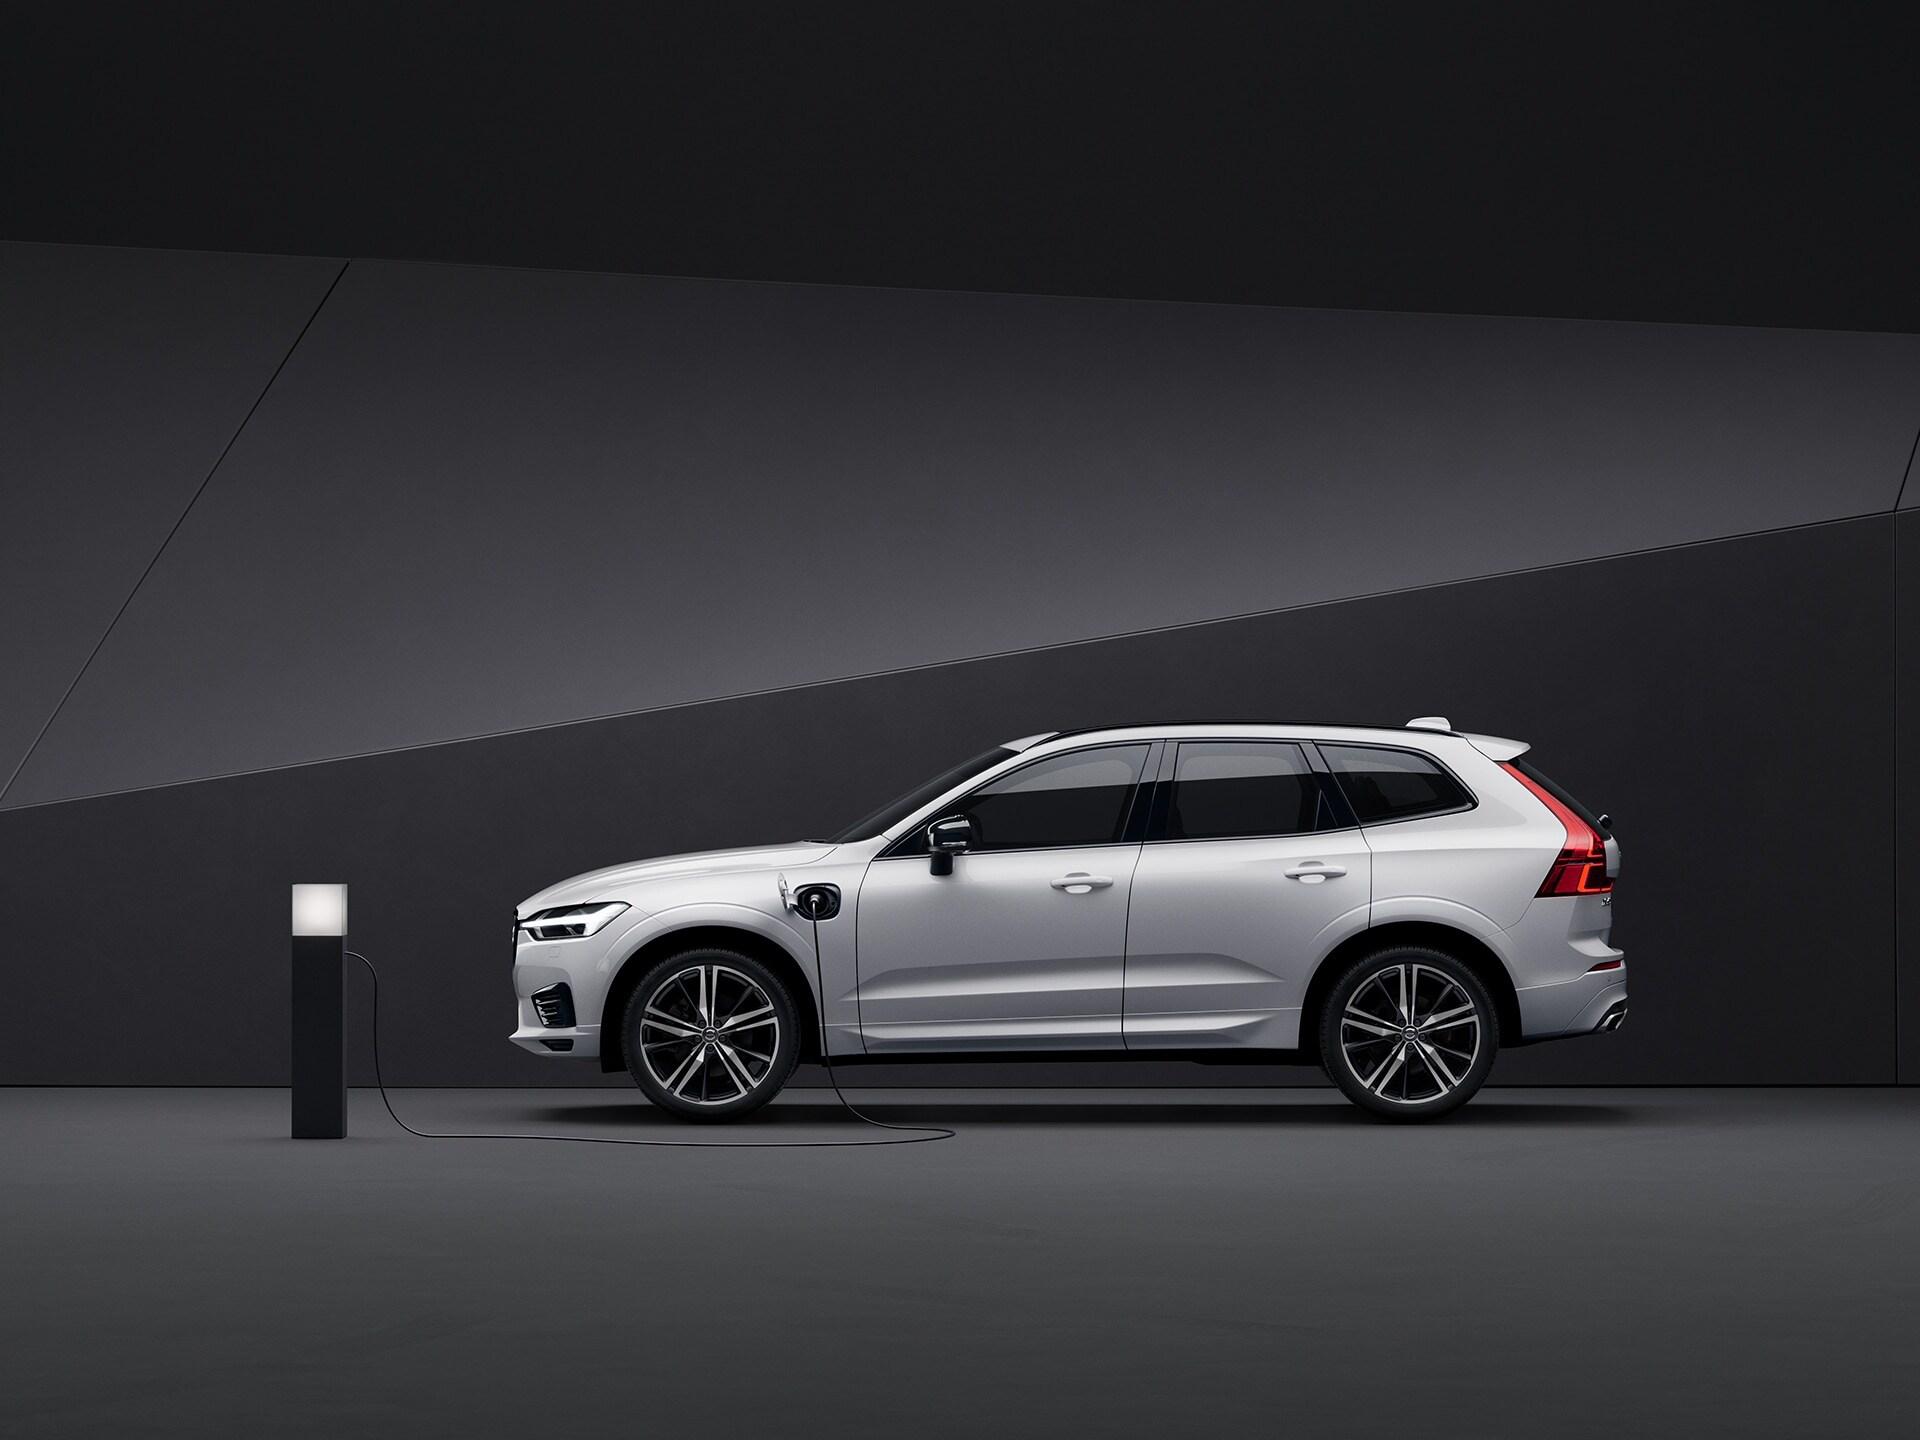 Un Volvo XC60 Recharge blanco se carga en un ambiente nocturno